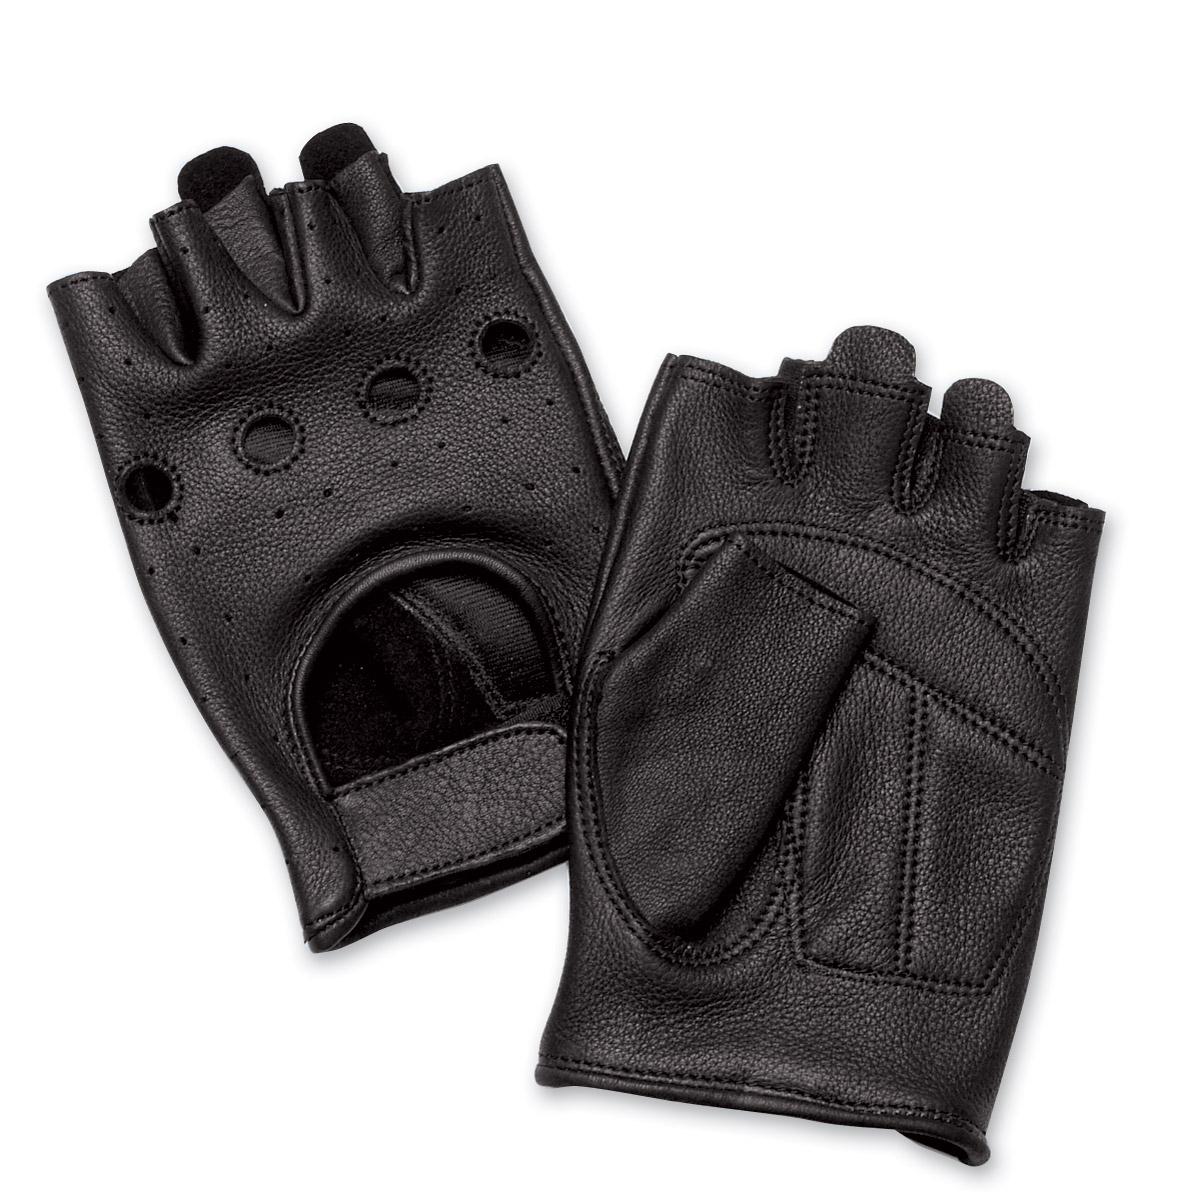 J&P Cycles® Fingerless Deerskin Gloves with Easy-Pull Tabs